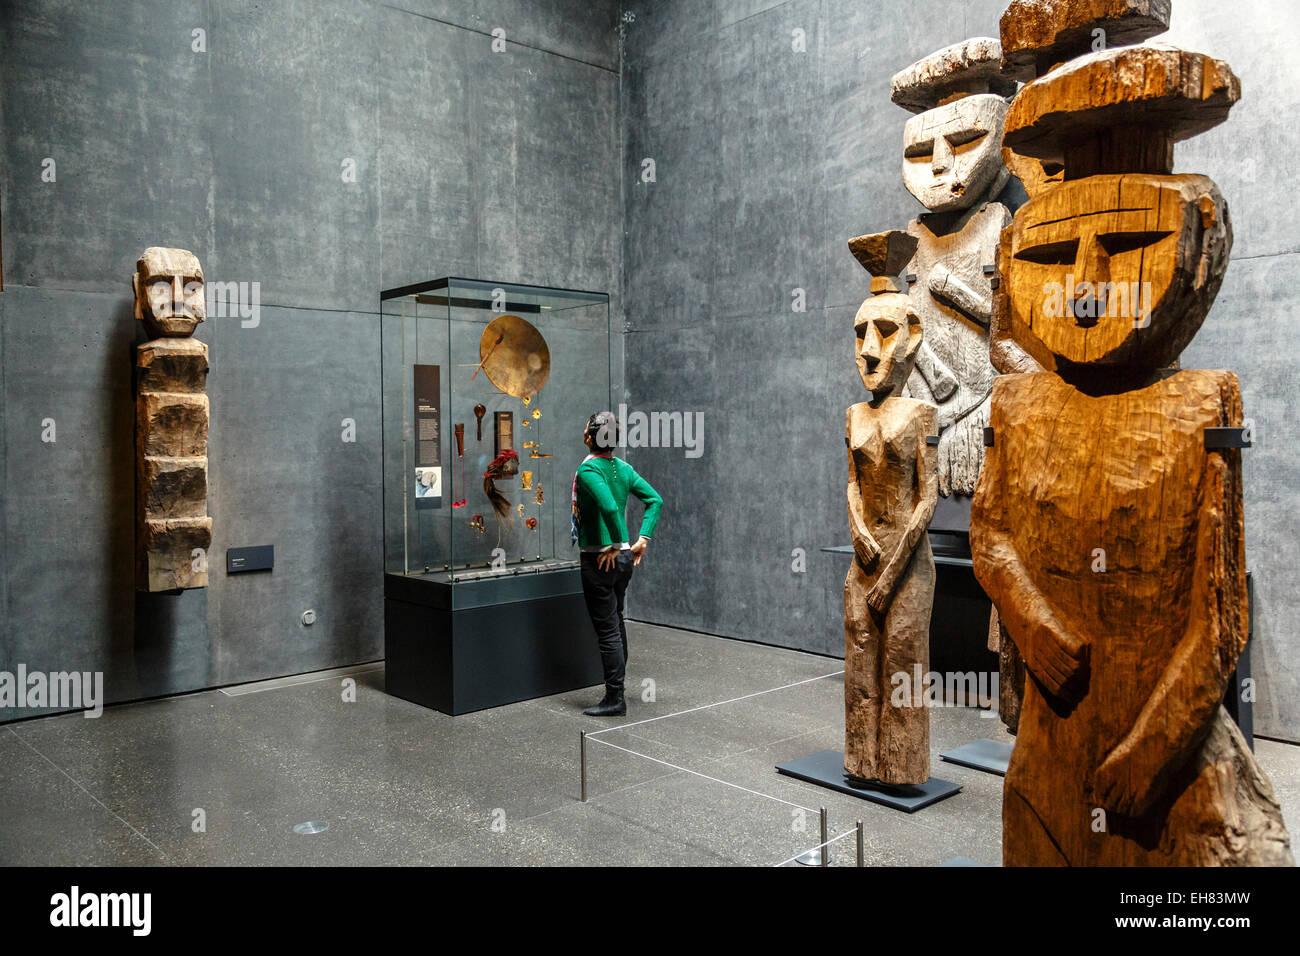 Wooden Mapuche burial statues at the Museo Chileno de Arte Precolombino, Santiago, Chile, South America - Stock Image